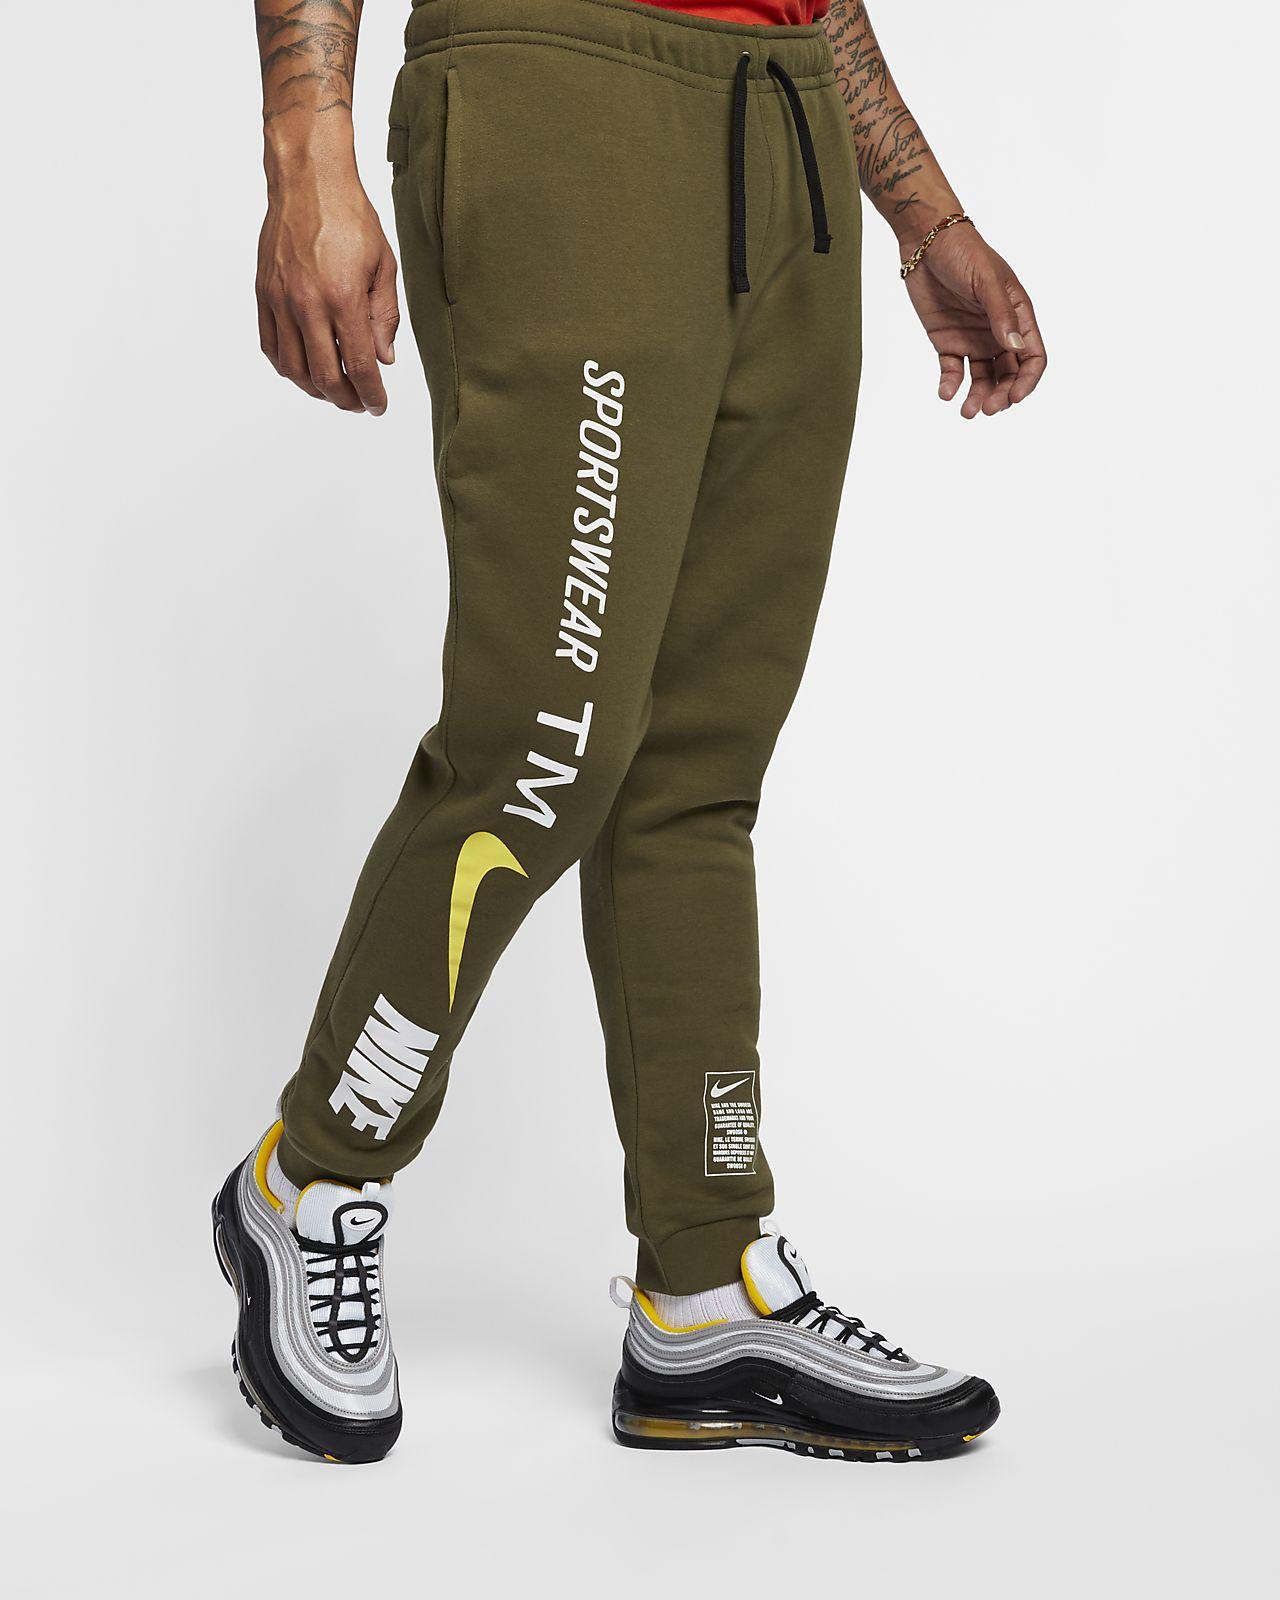 coupon codes buy online best authentic De Sportswear Pantalon Nike Jogging Club Ca ZqwWTdUxz